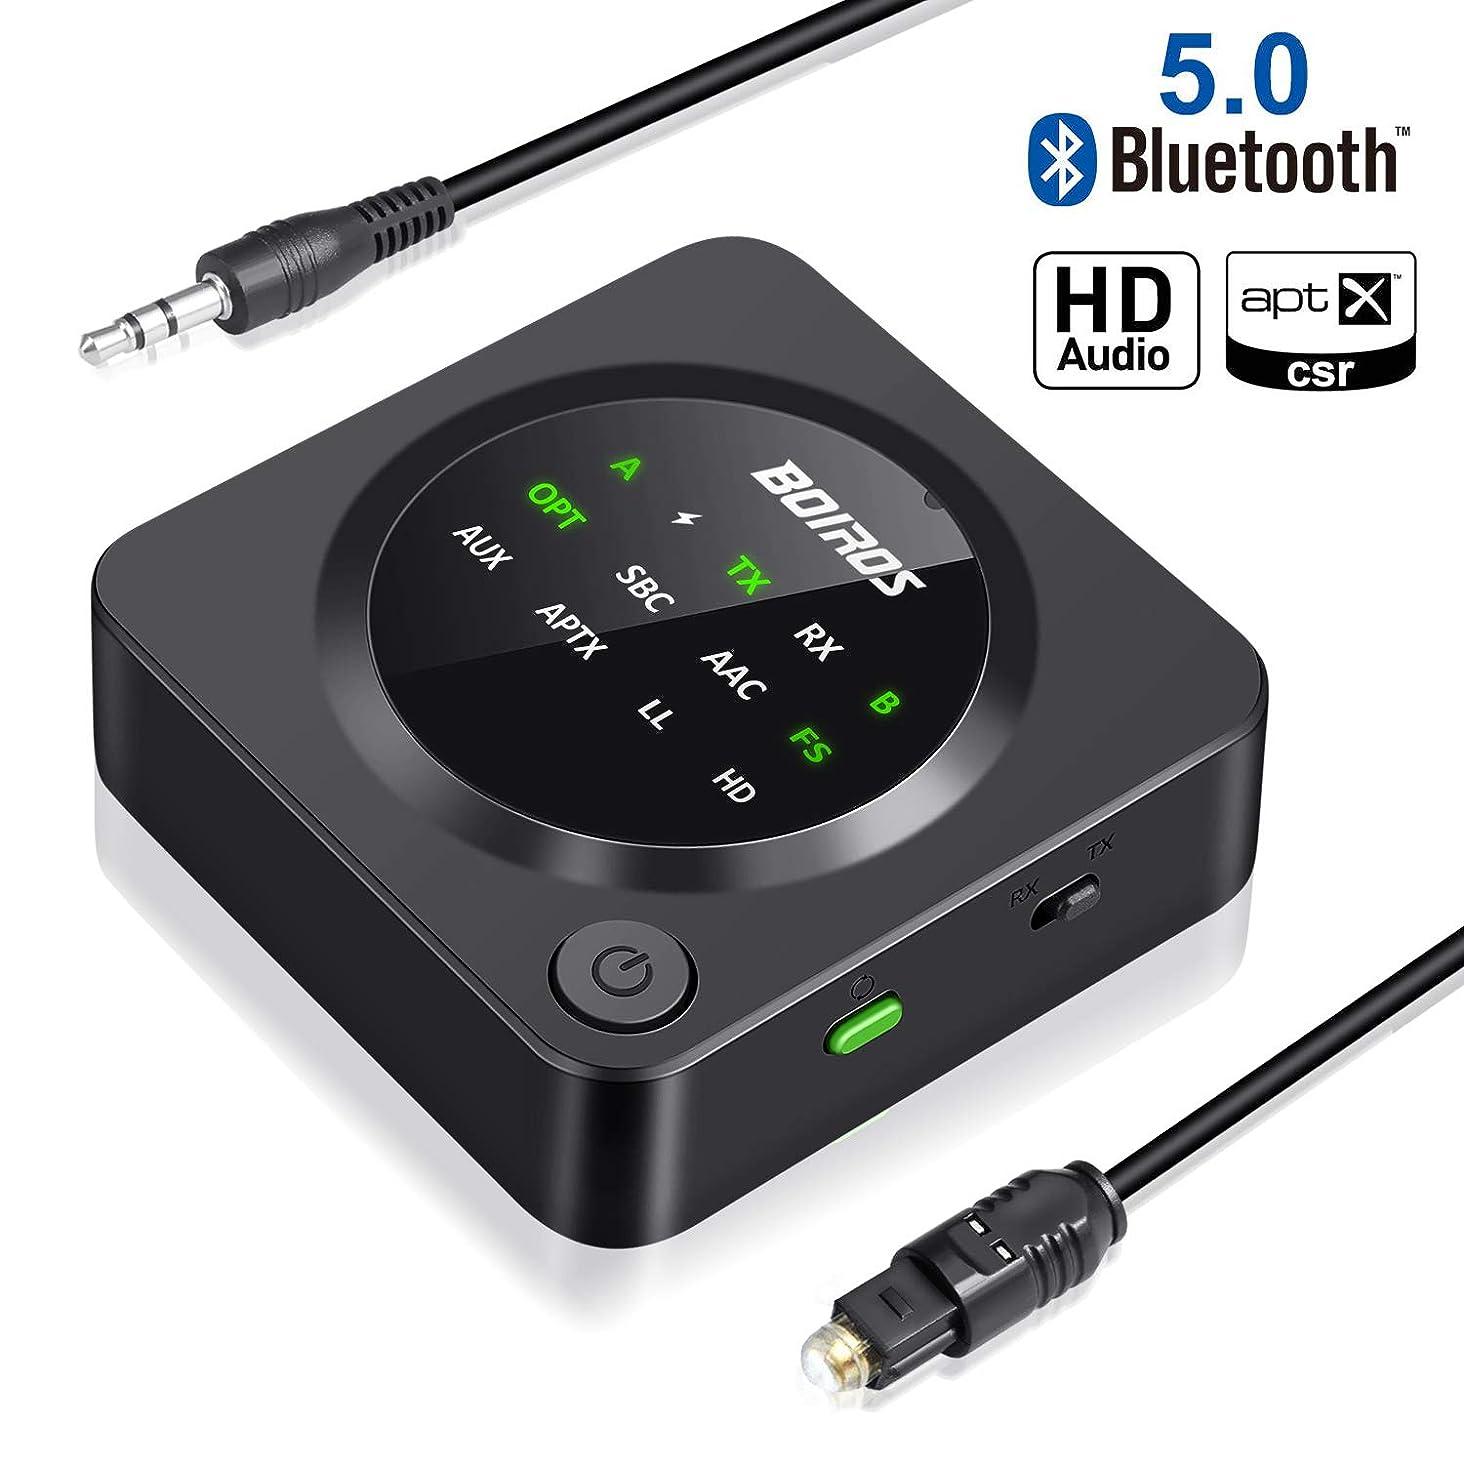 療法視線音BOIROS アダプタ ブルートゥース トランスミッター レシーバー 光デジタル対応 【受信機 + 送信機 一台二役 2台同時接続】 ワイヤレス aptX HD aptX LL対応 2台同時接続 高音質 低遅延 低ノイズ RCA AUX SPDIF接続 15-17時間連続作動(MAX)